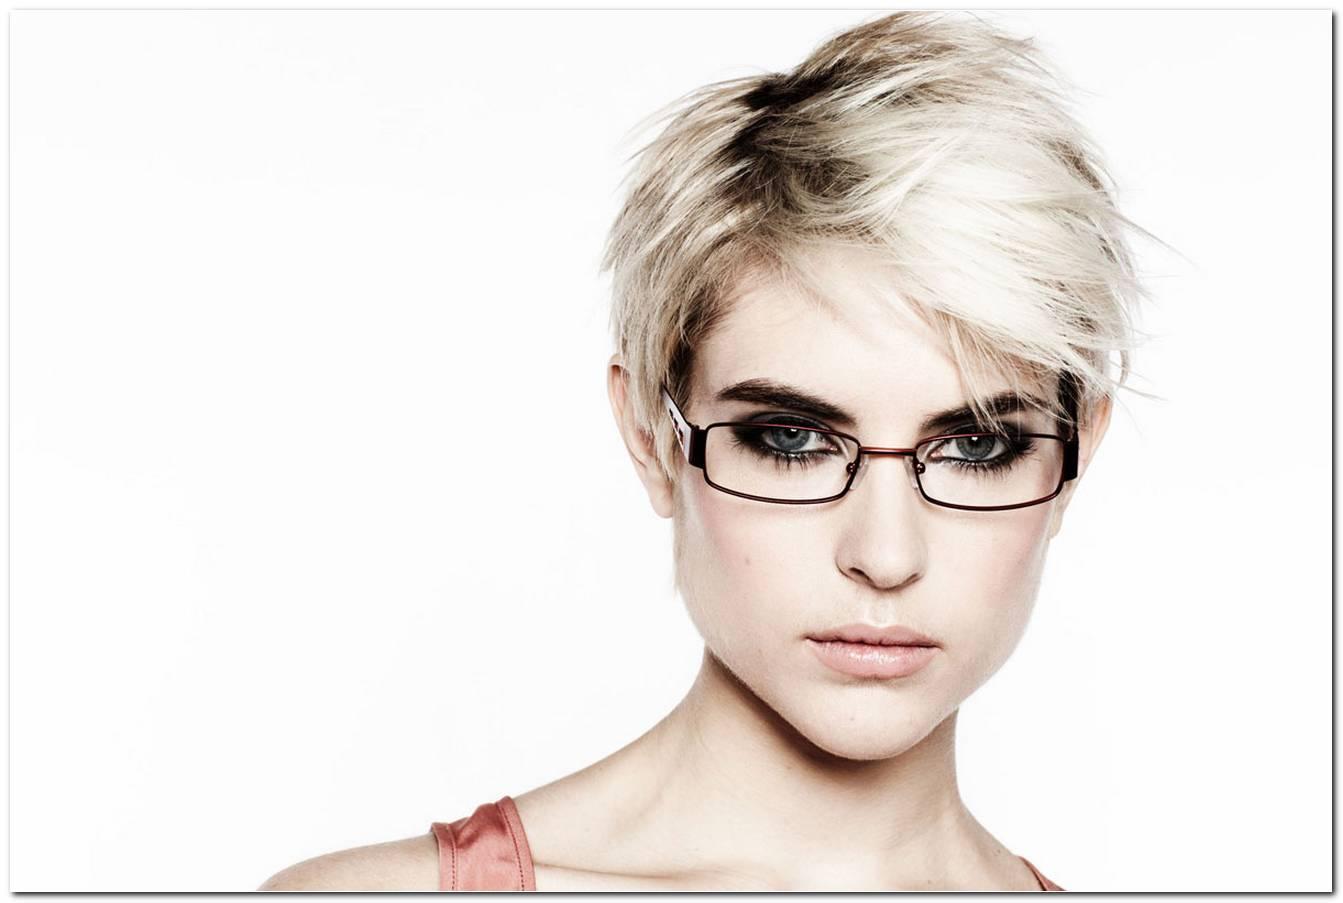 Frisuren FüR Rundes Gesicht Mit Brille